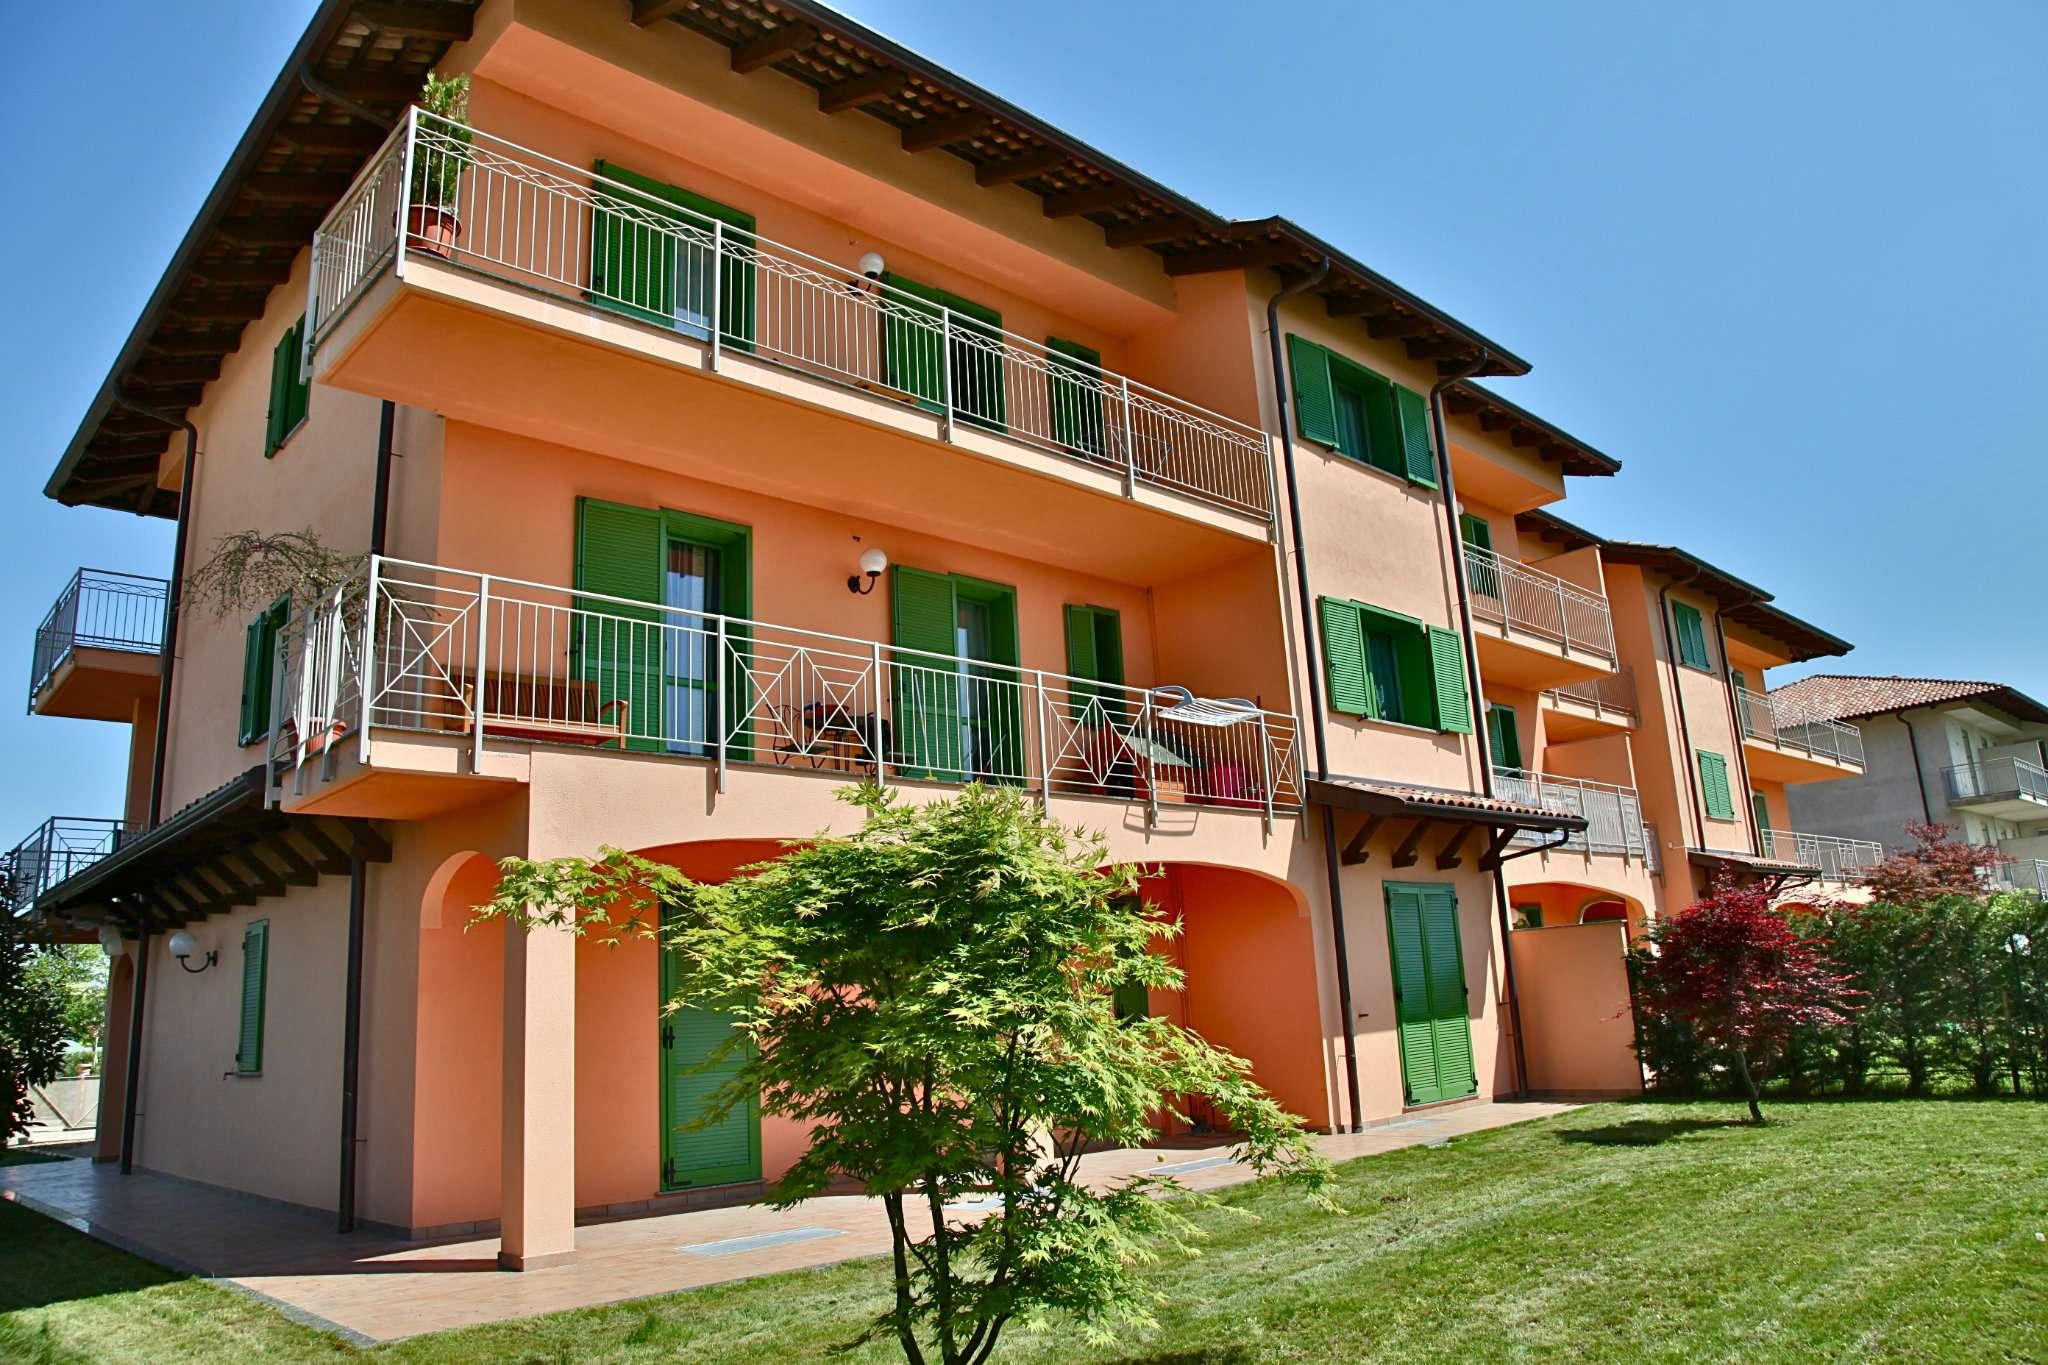 Bilocale Rivarolo Canavese Via Beato Bonifacio 11